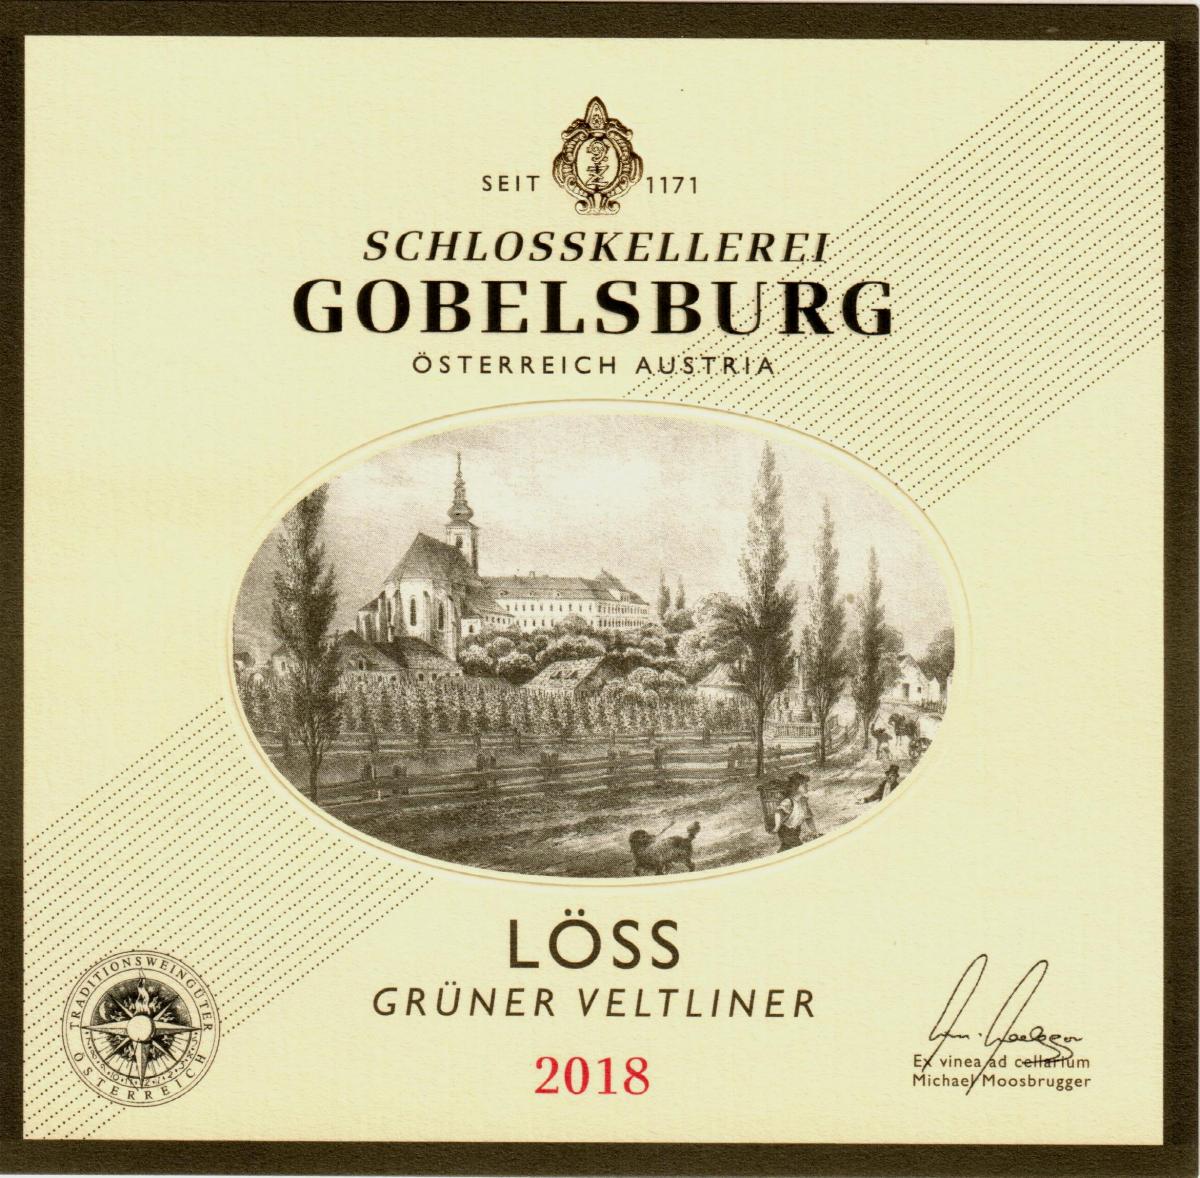 Weinlinie Schlosskellerei Gobelsburg